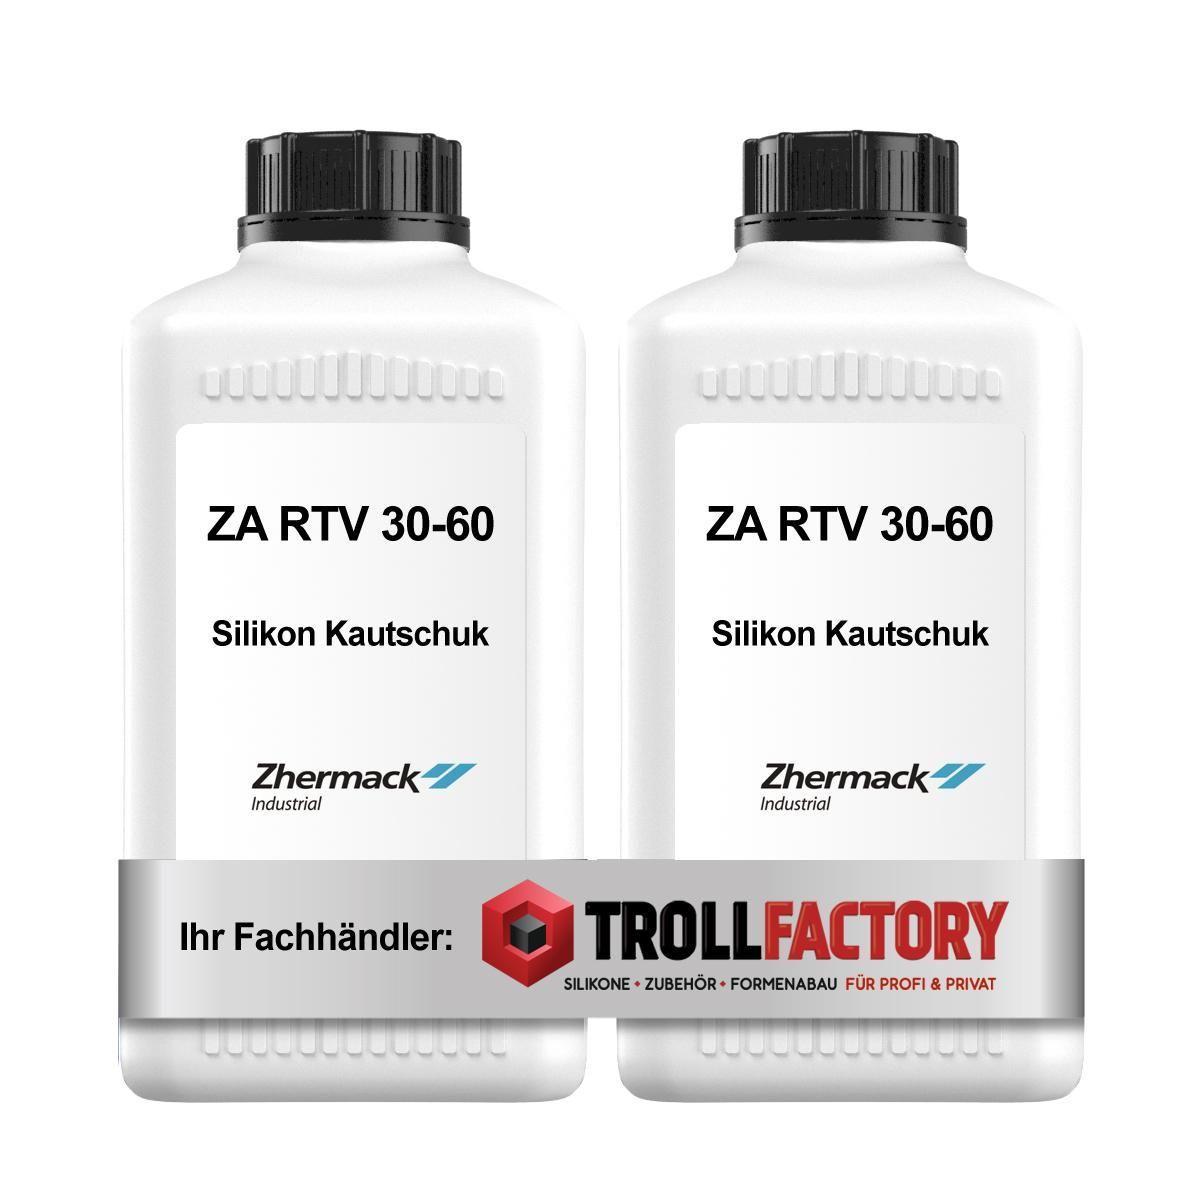 Zhermack Silikon ZA RTV 30-60 1+1kg